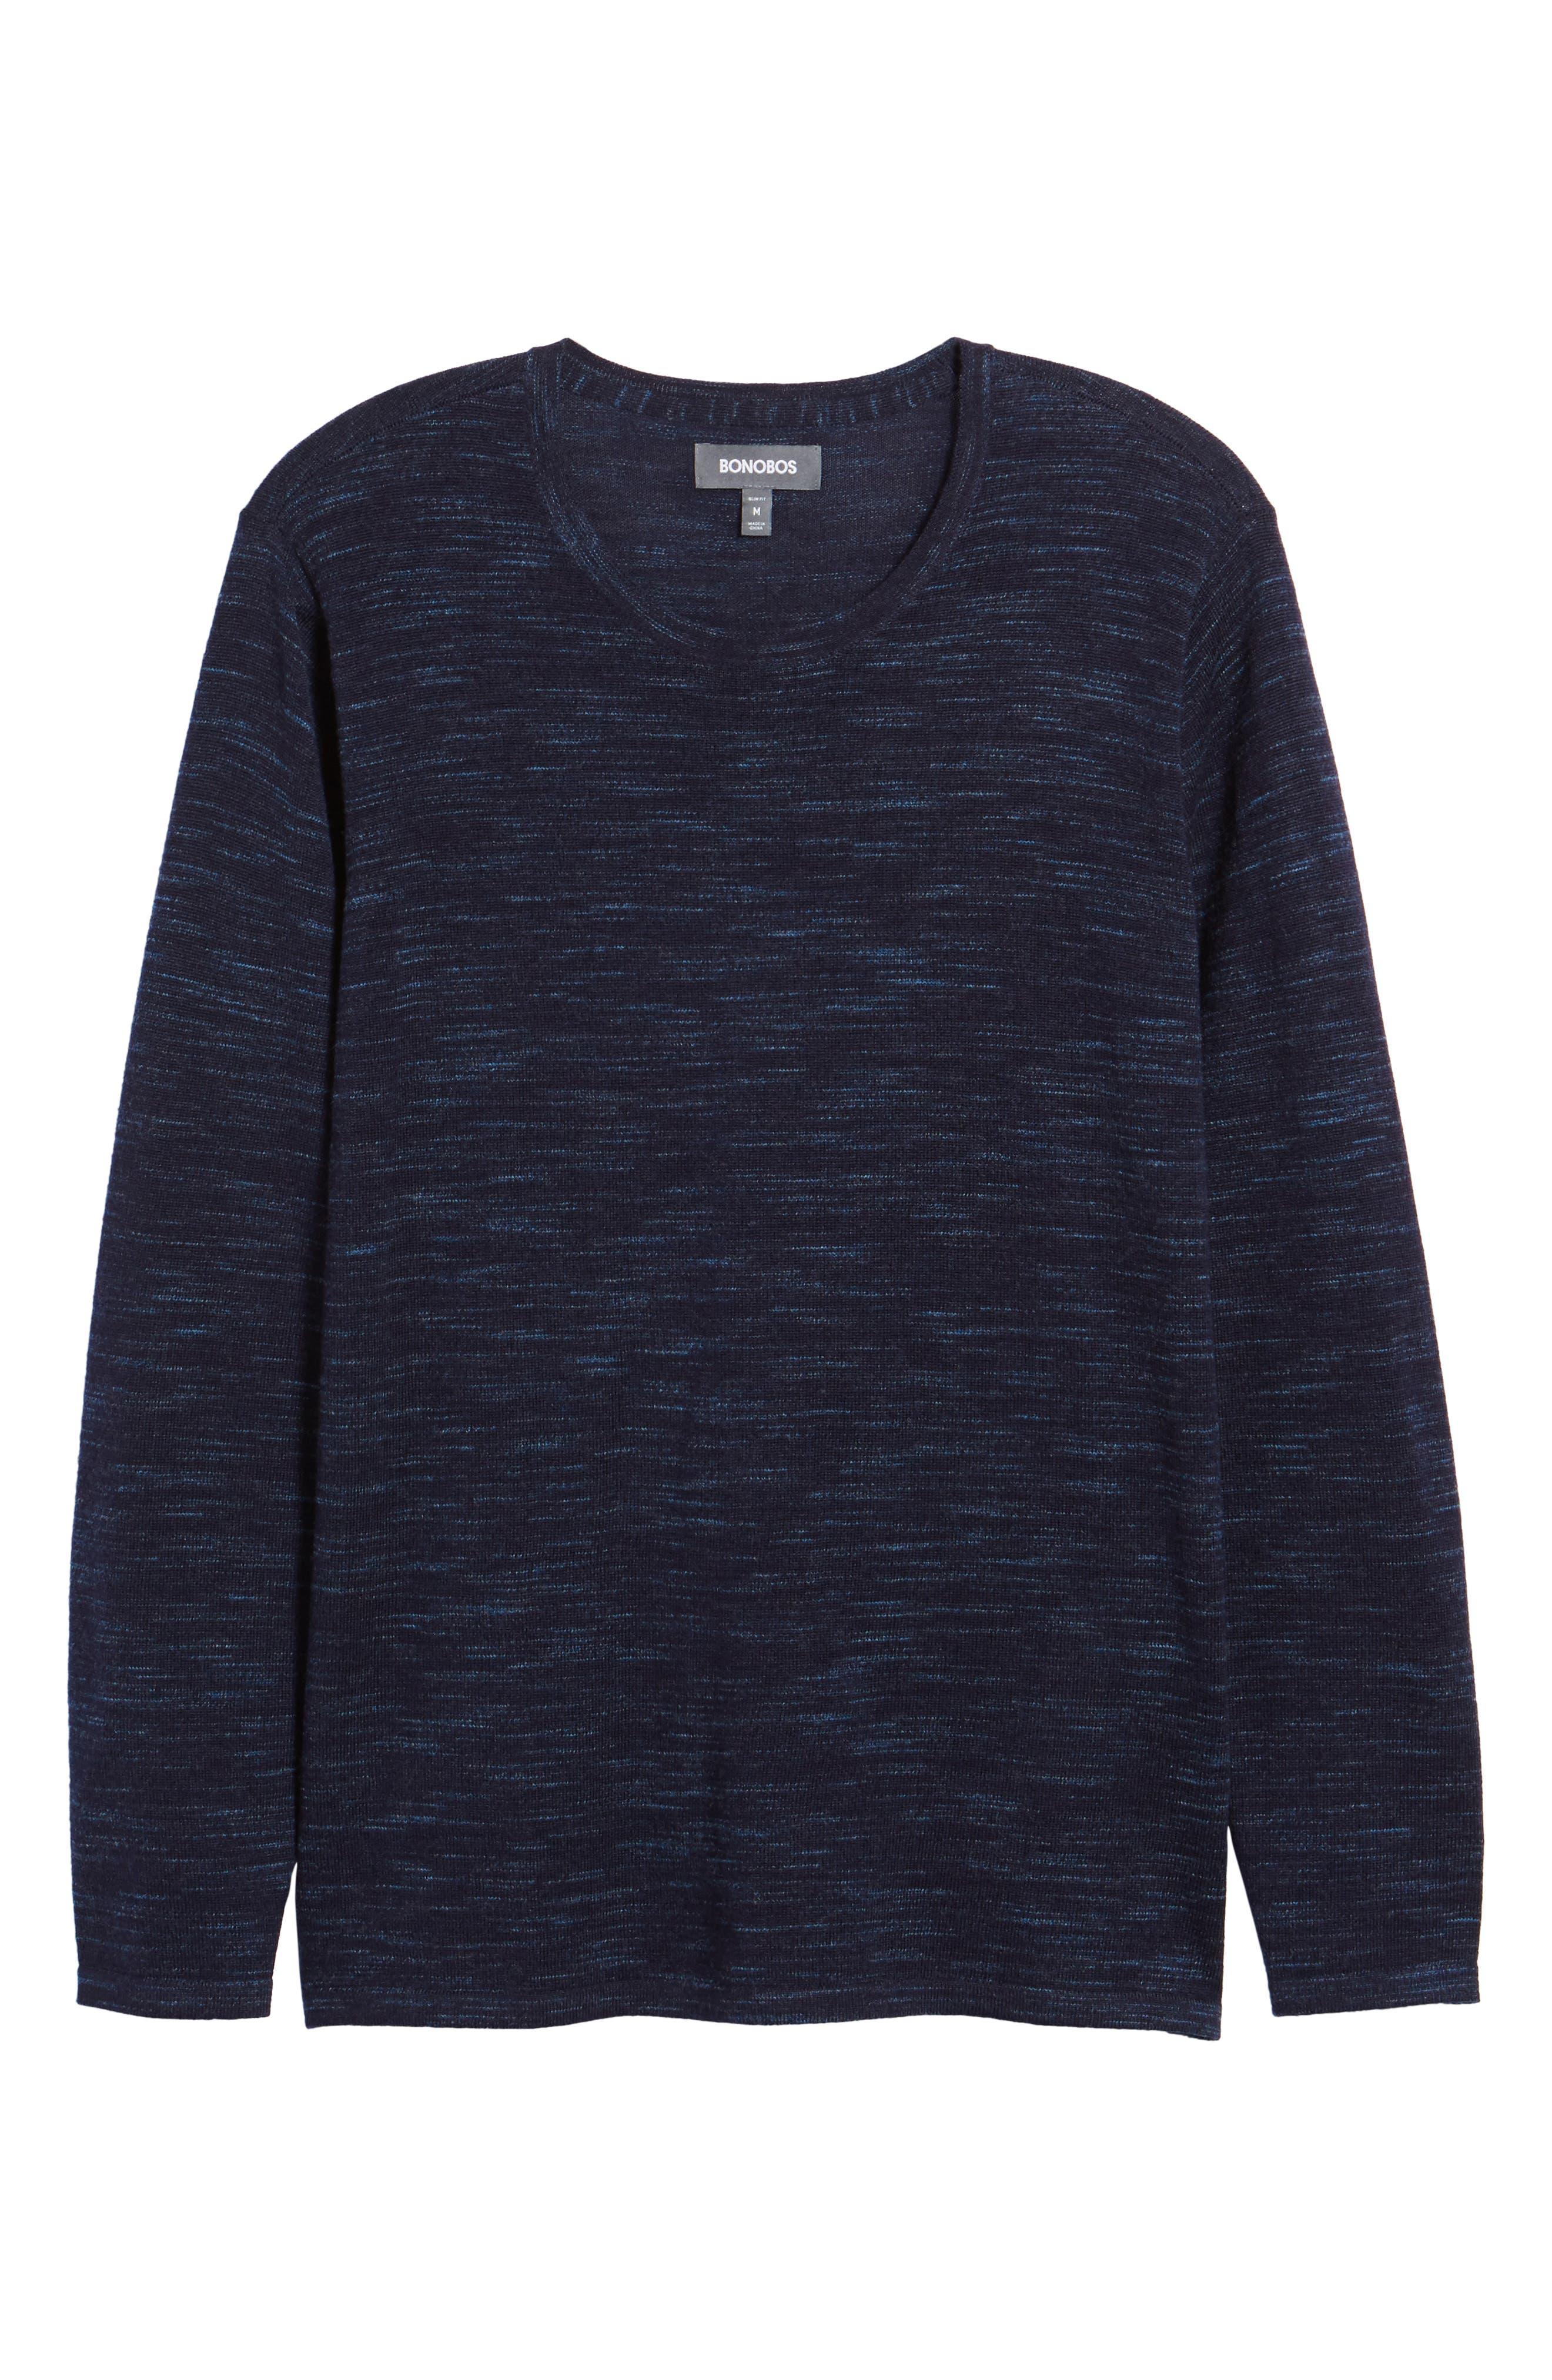 Merino Wool T-Shirt,                             Alternate thumbnail 6, color,                             Stridden Blazer